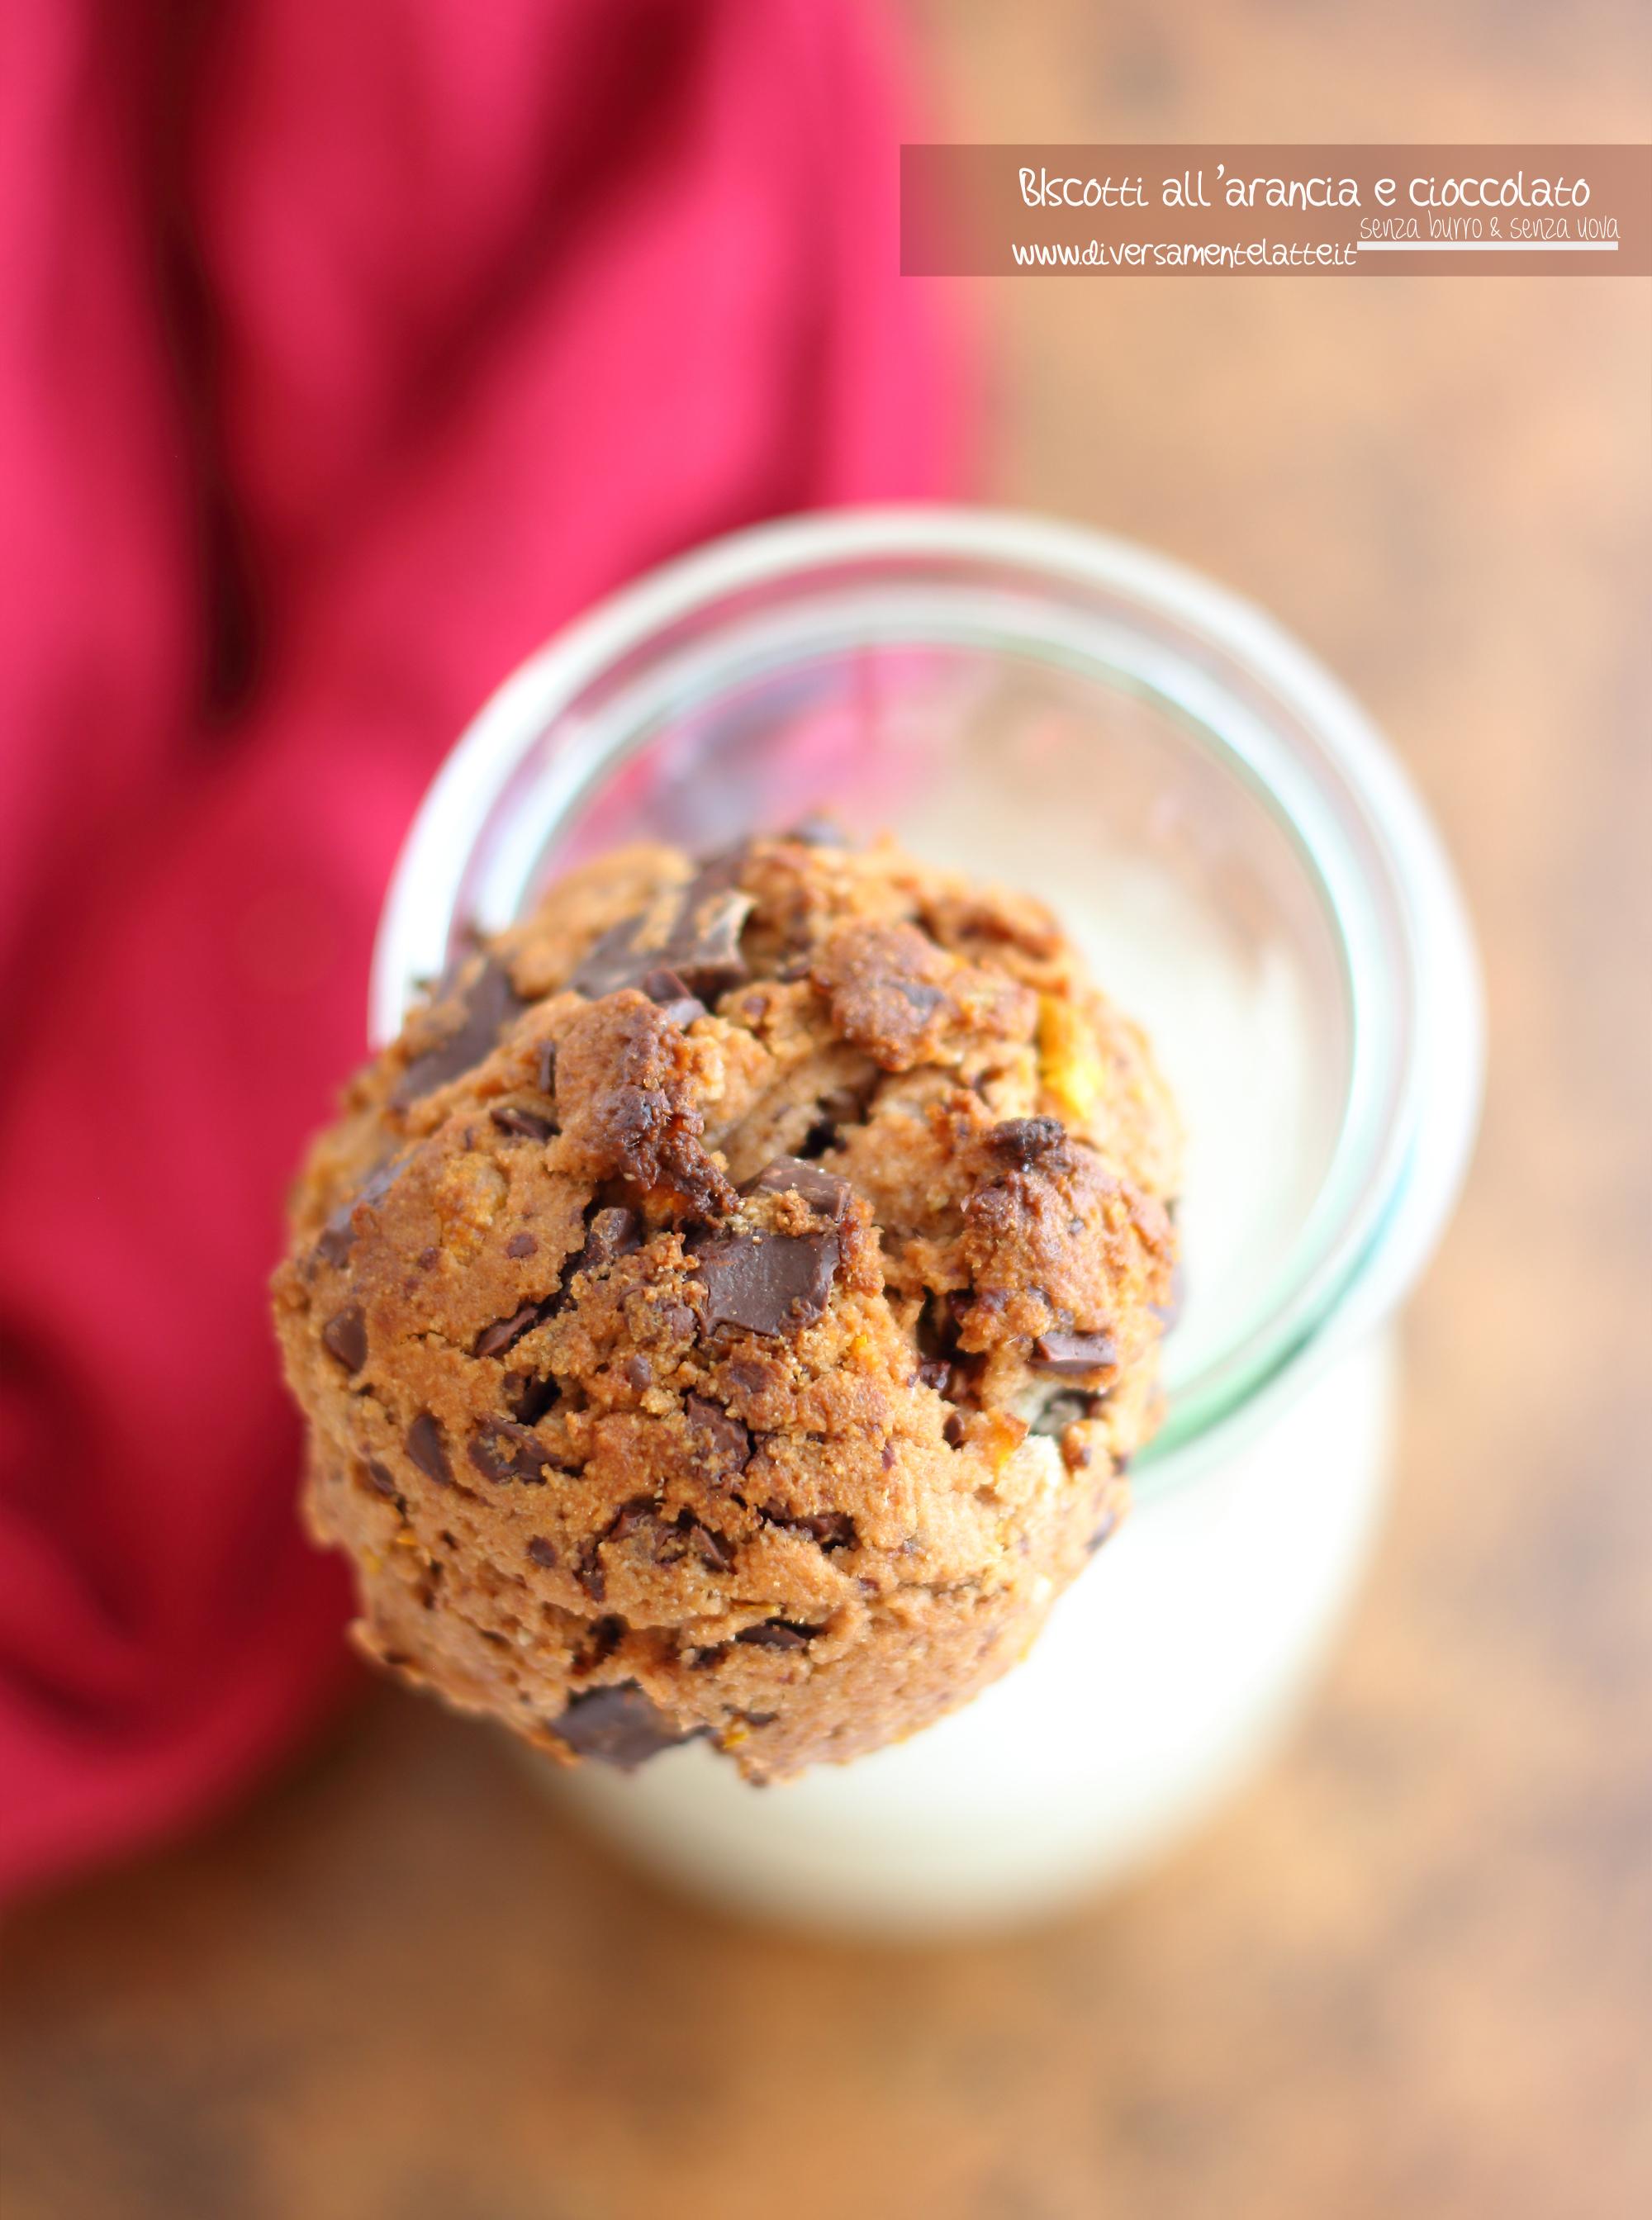 biscotti arancia e cioccolato dolci autunno